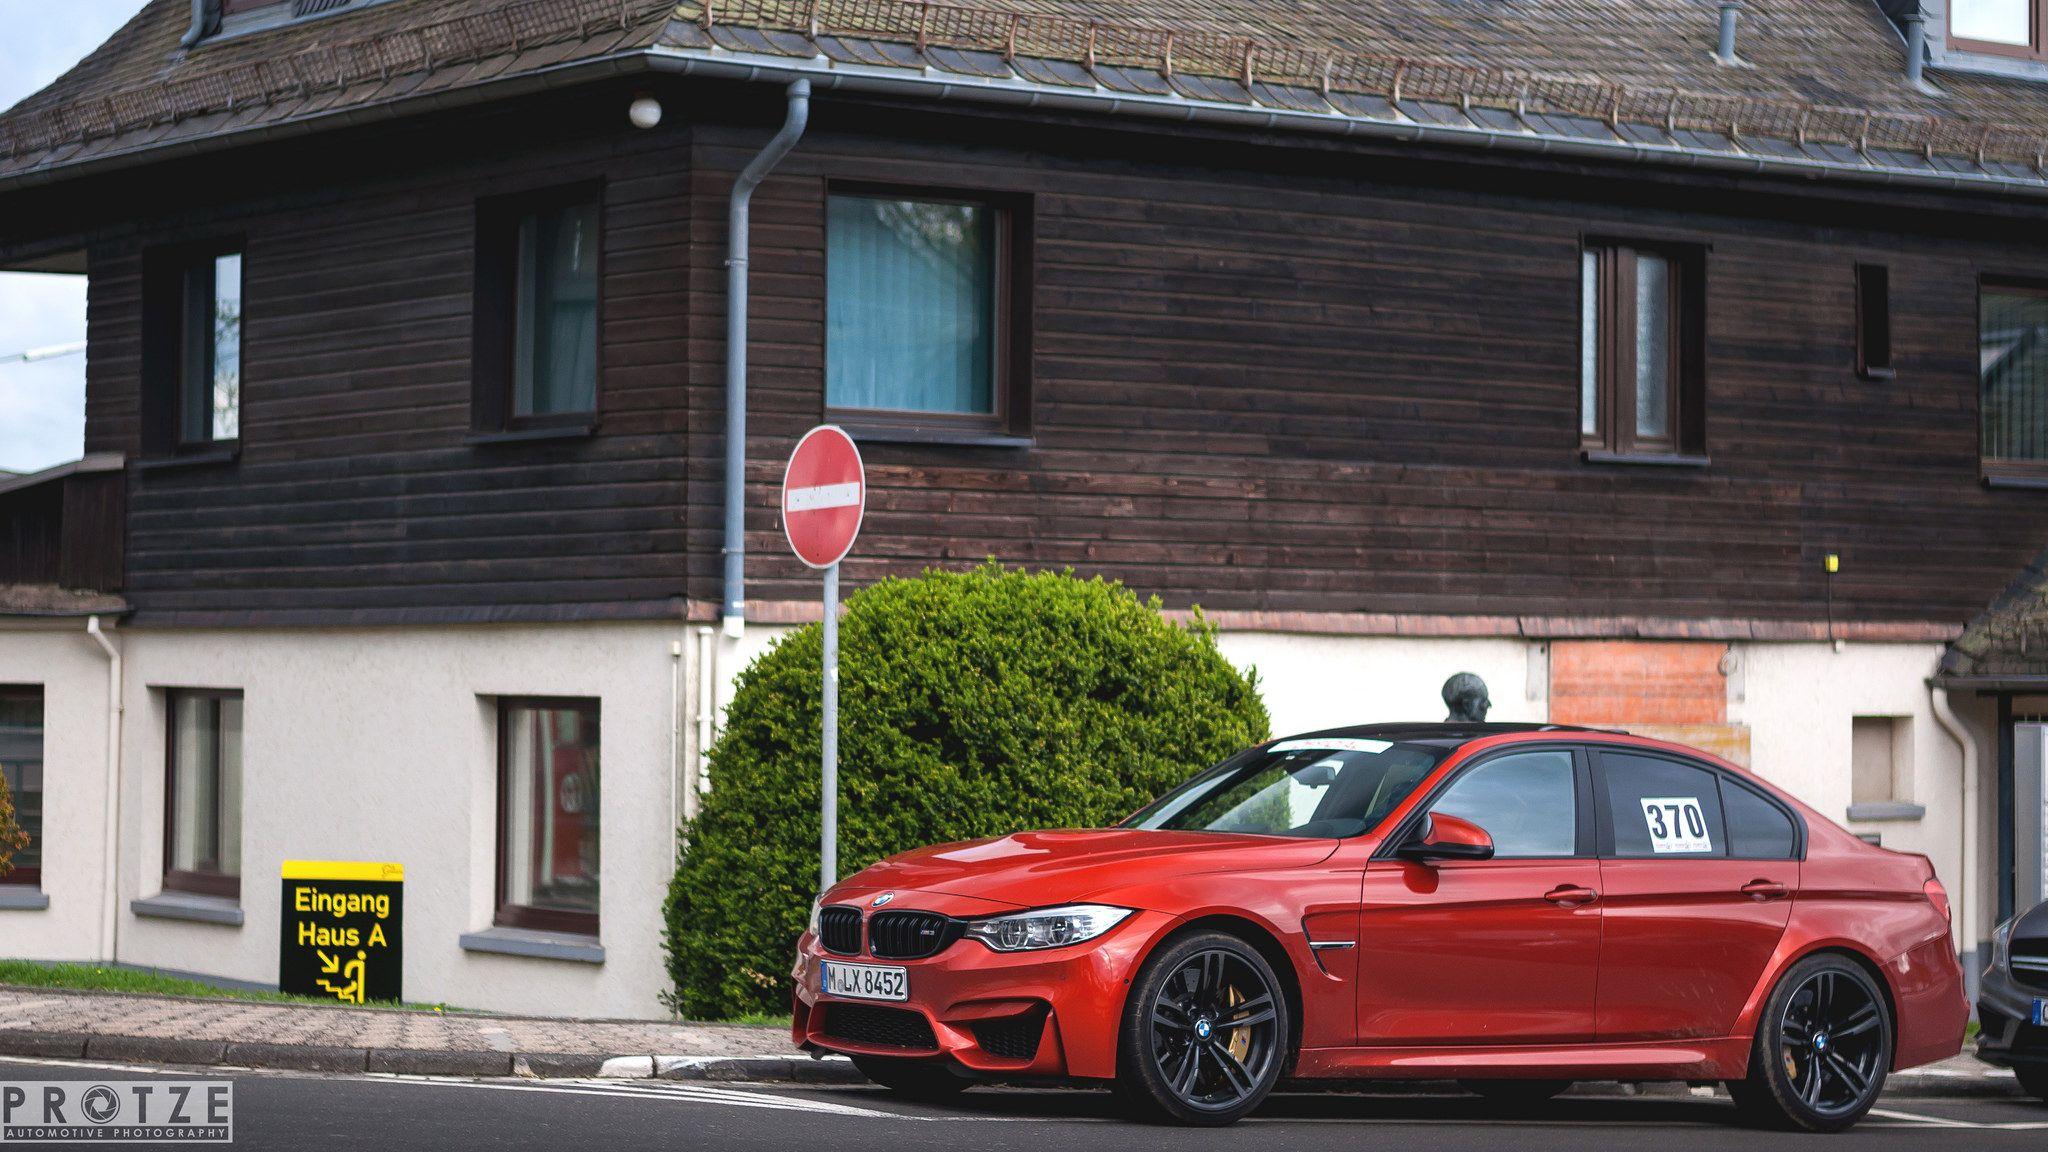 #BMW #F80 #M3 #Sedan #Red #Hot #Devil #Fire